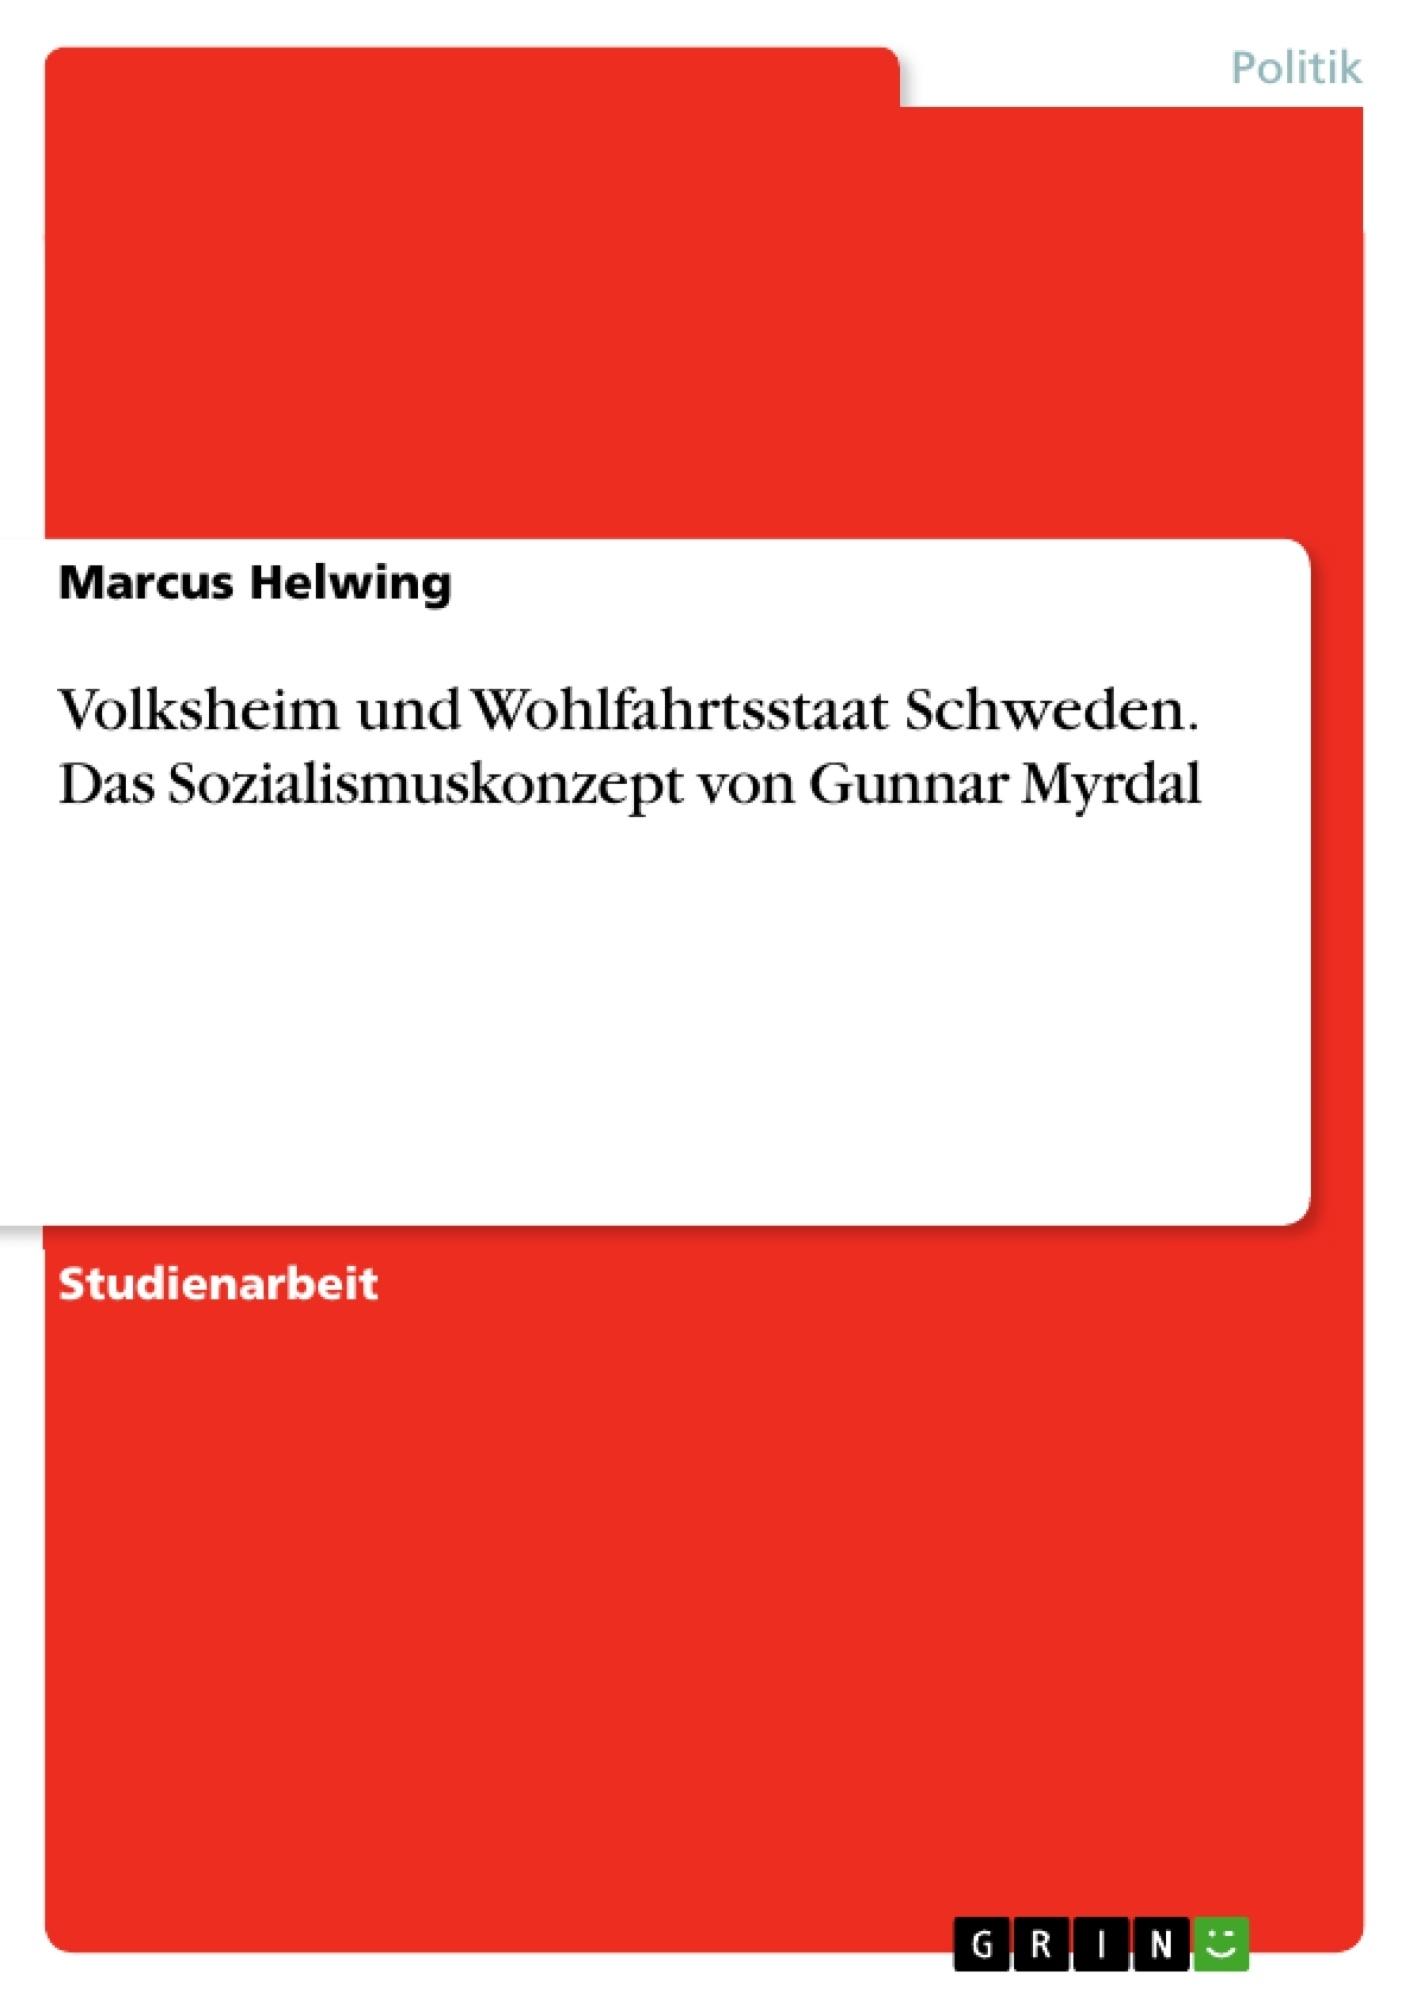 Titel: Volksheim und Wohlfahrtsstaat Schweden. Das Sozialismuskonzept von Gunnar Myrdal